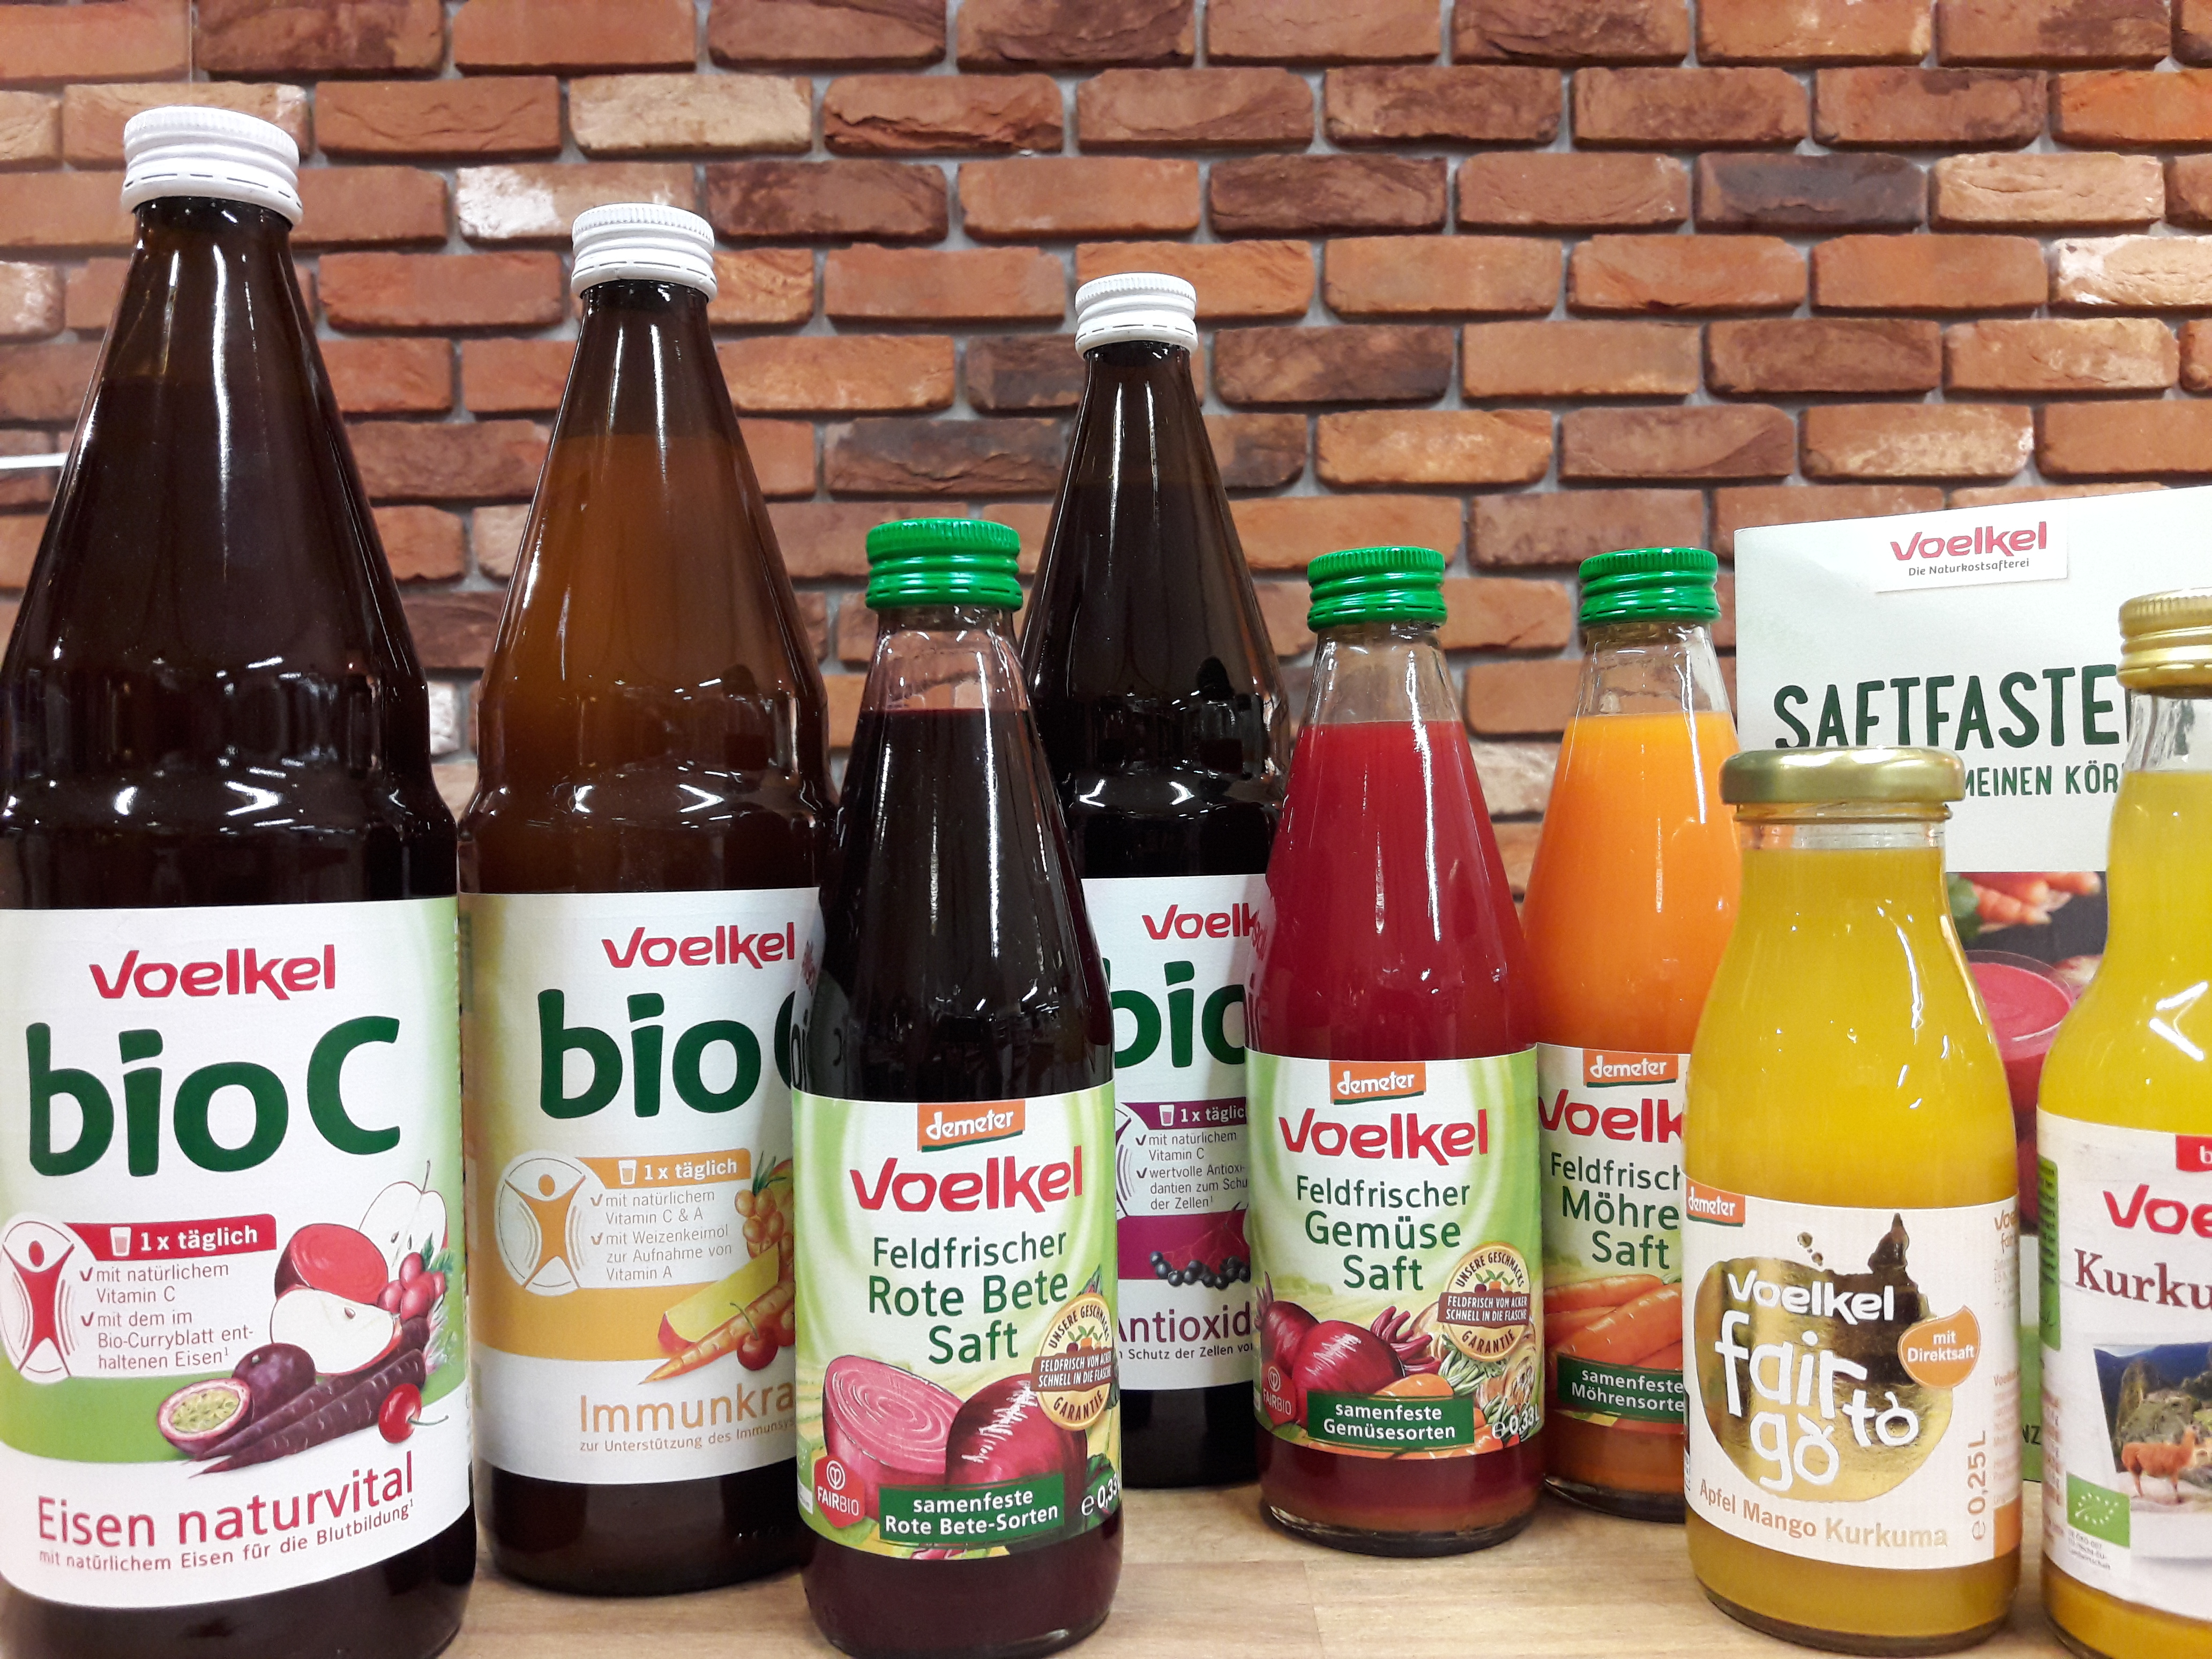 Hier bekommen Sie wirklich gesunde Vitamine! Voelkel-Biosaftverkostung am Freitag, den 16. März 2018